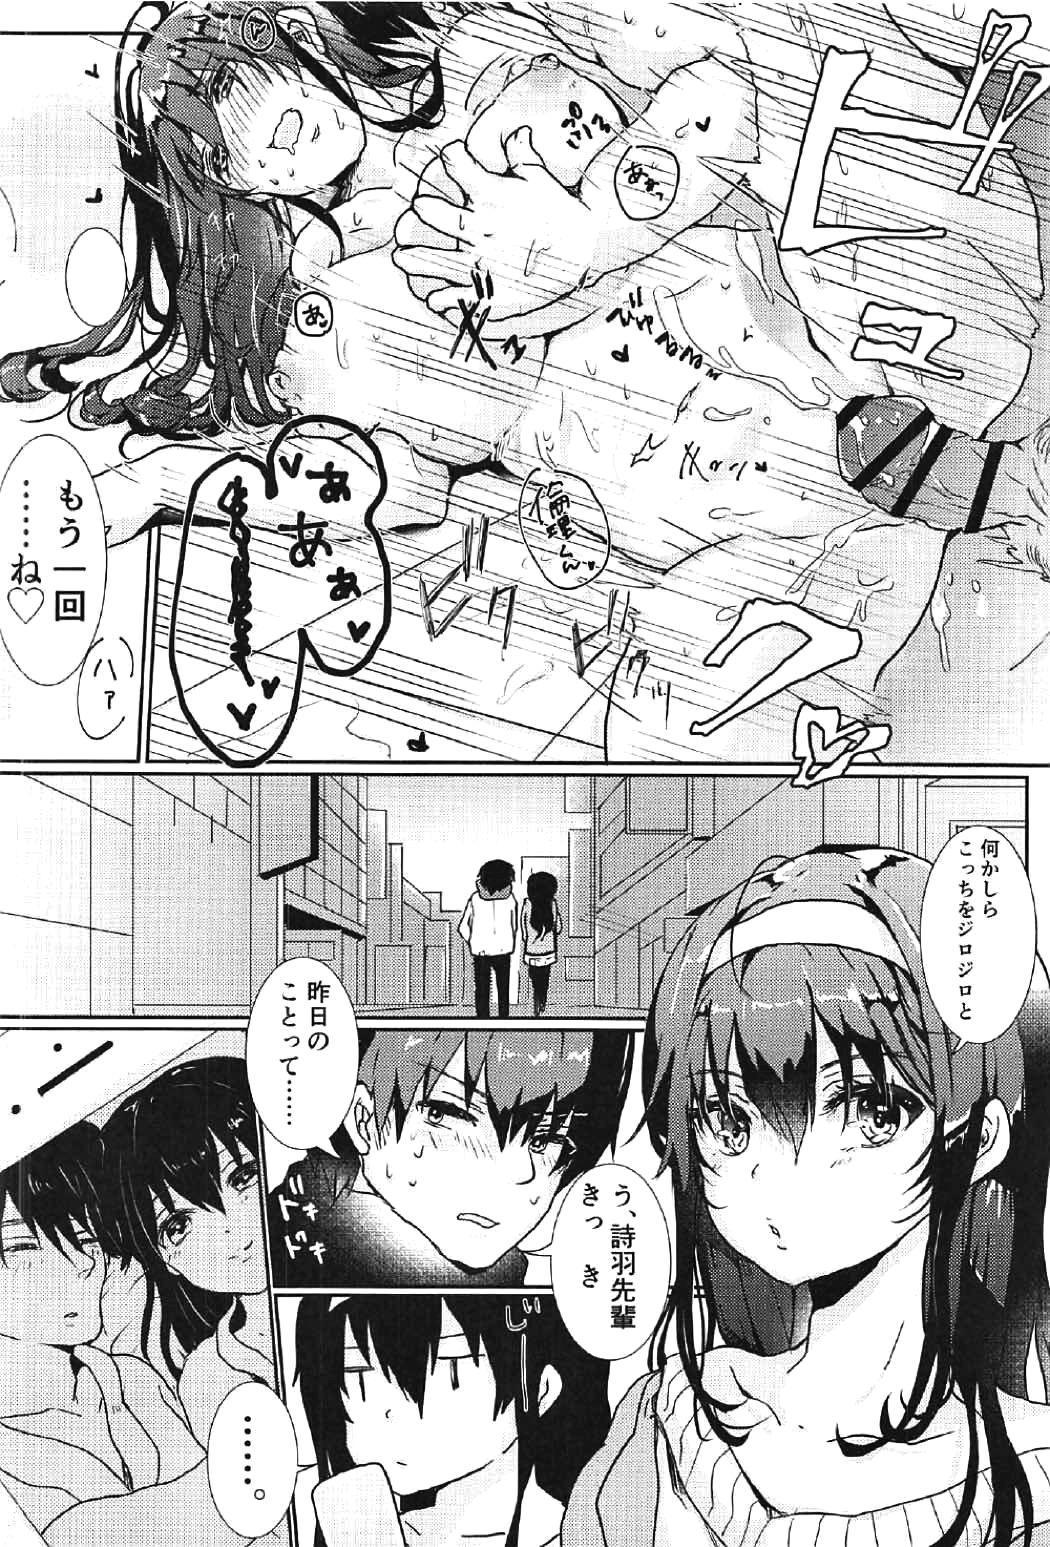 i-suru Ruby no Kojireta Furikata 34